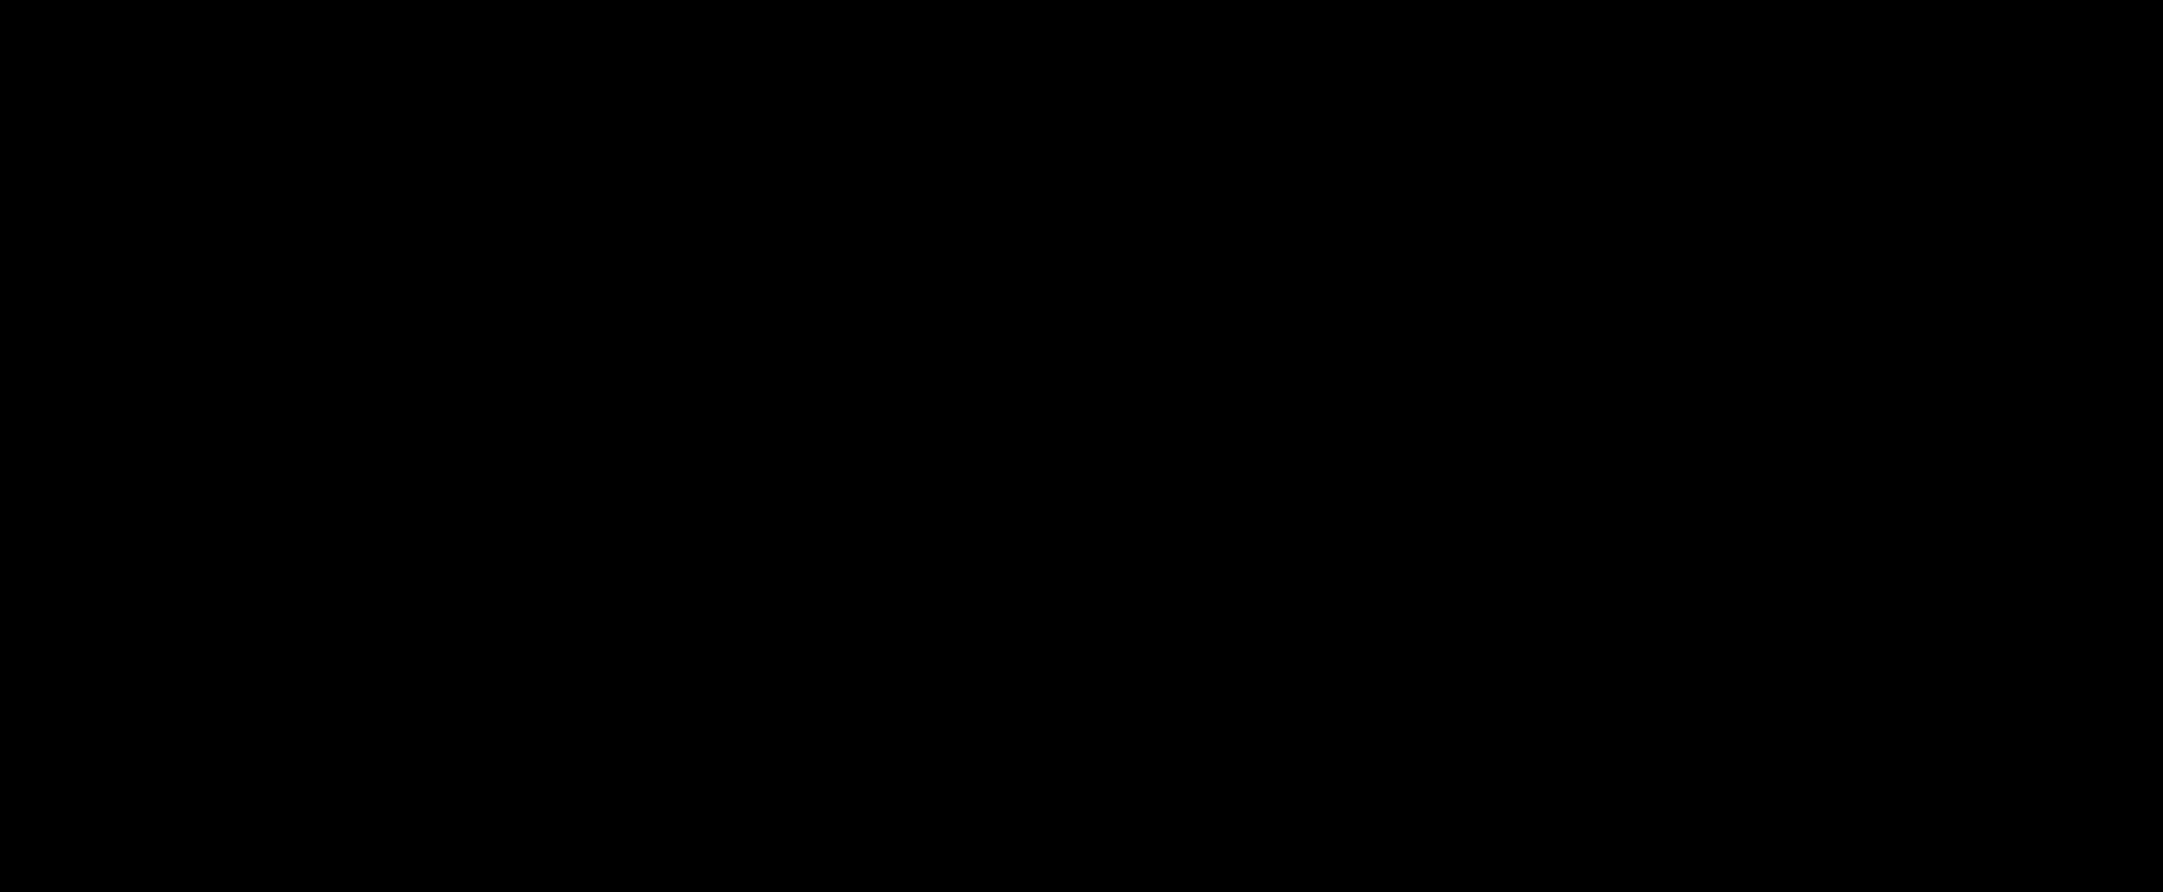 Erstelle ein Logo für ein Entsorgungsunternehmen/ Containerservice